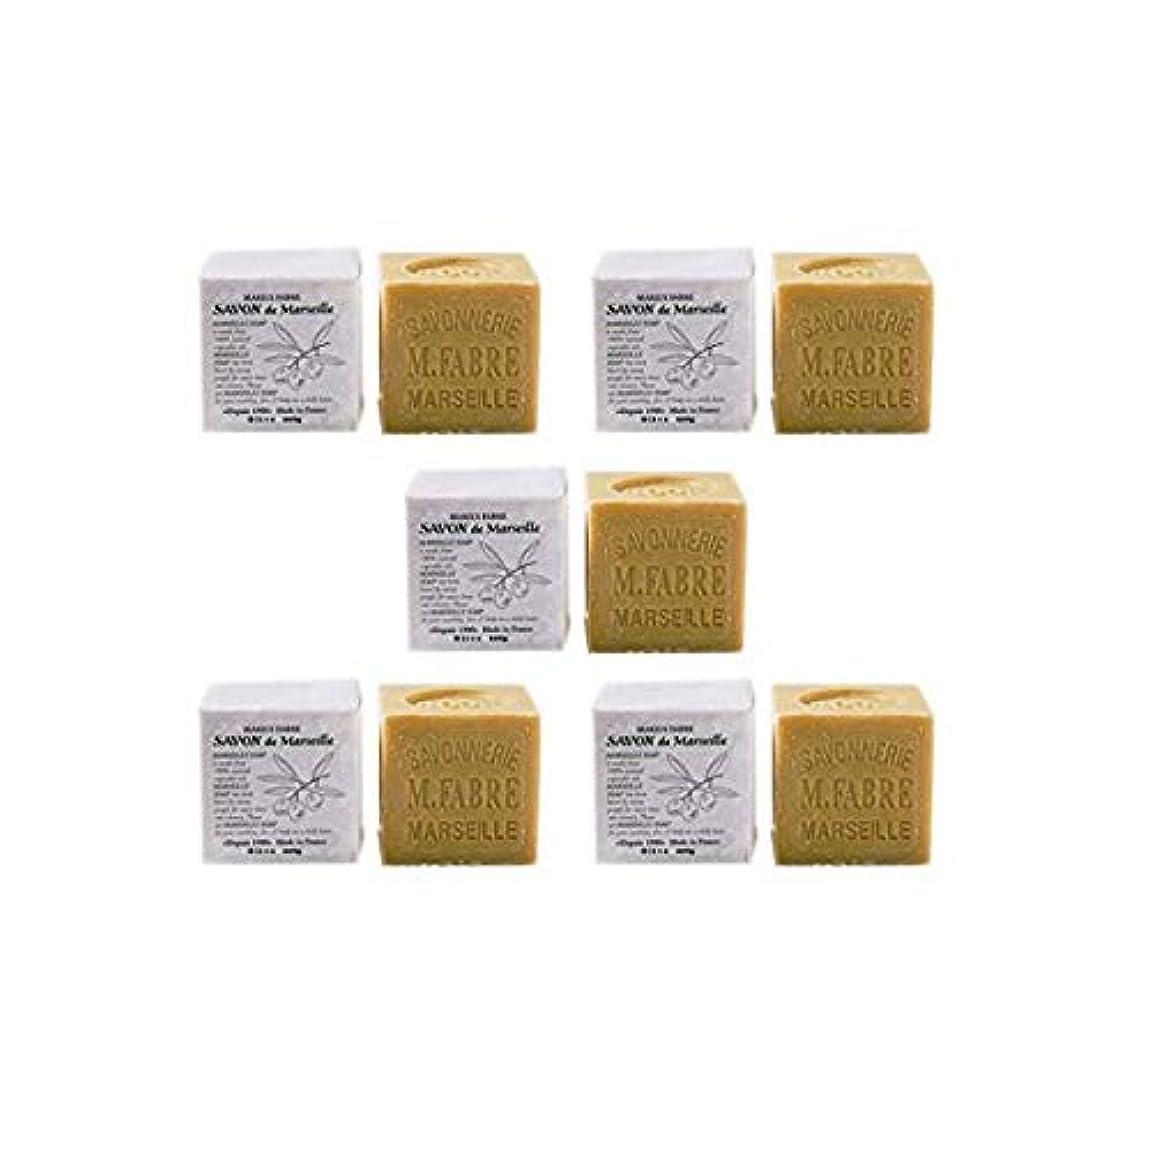 リクルート熱狂的なアコーマリウスファーブルジューン社 サボンドマルセイユ無香料200gオリーブN 5個セット(200g×5個)無添加オリーブ石鹸